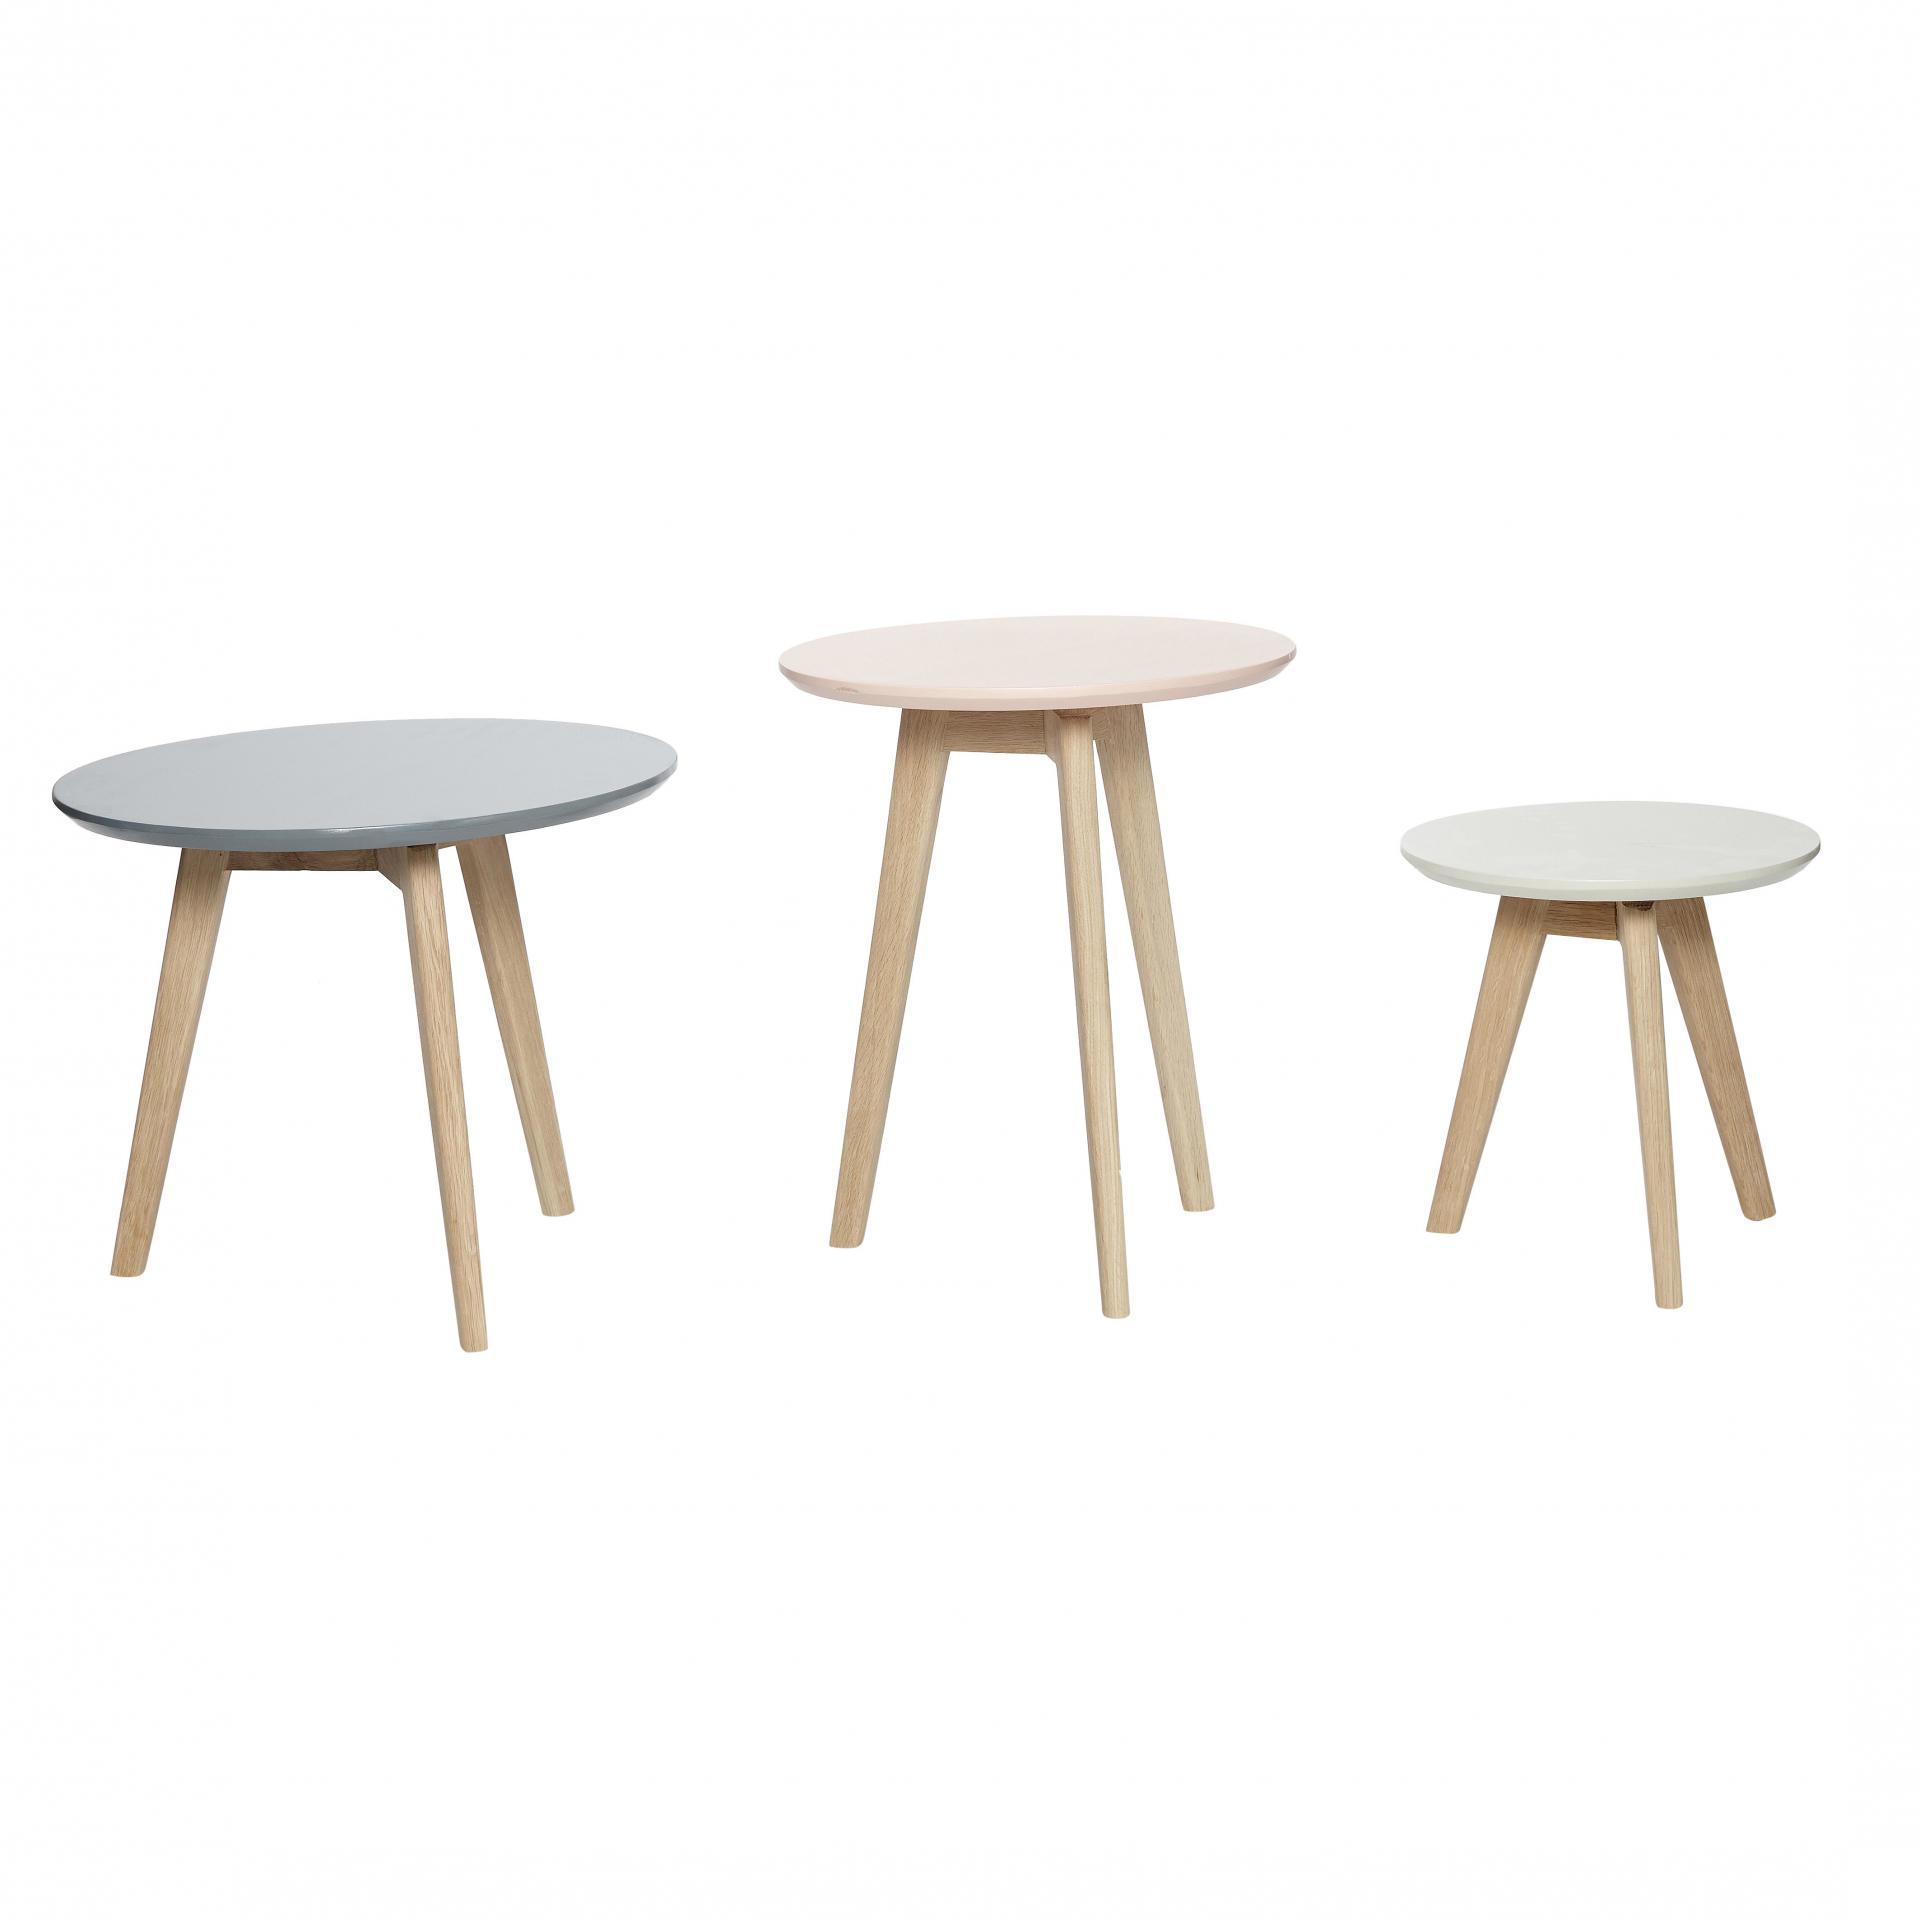 Hübsch Dřevěný stolek na třech nožkách Malý, multi barva, dřevo